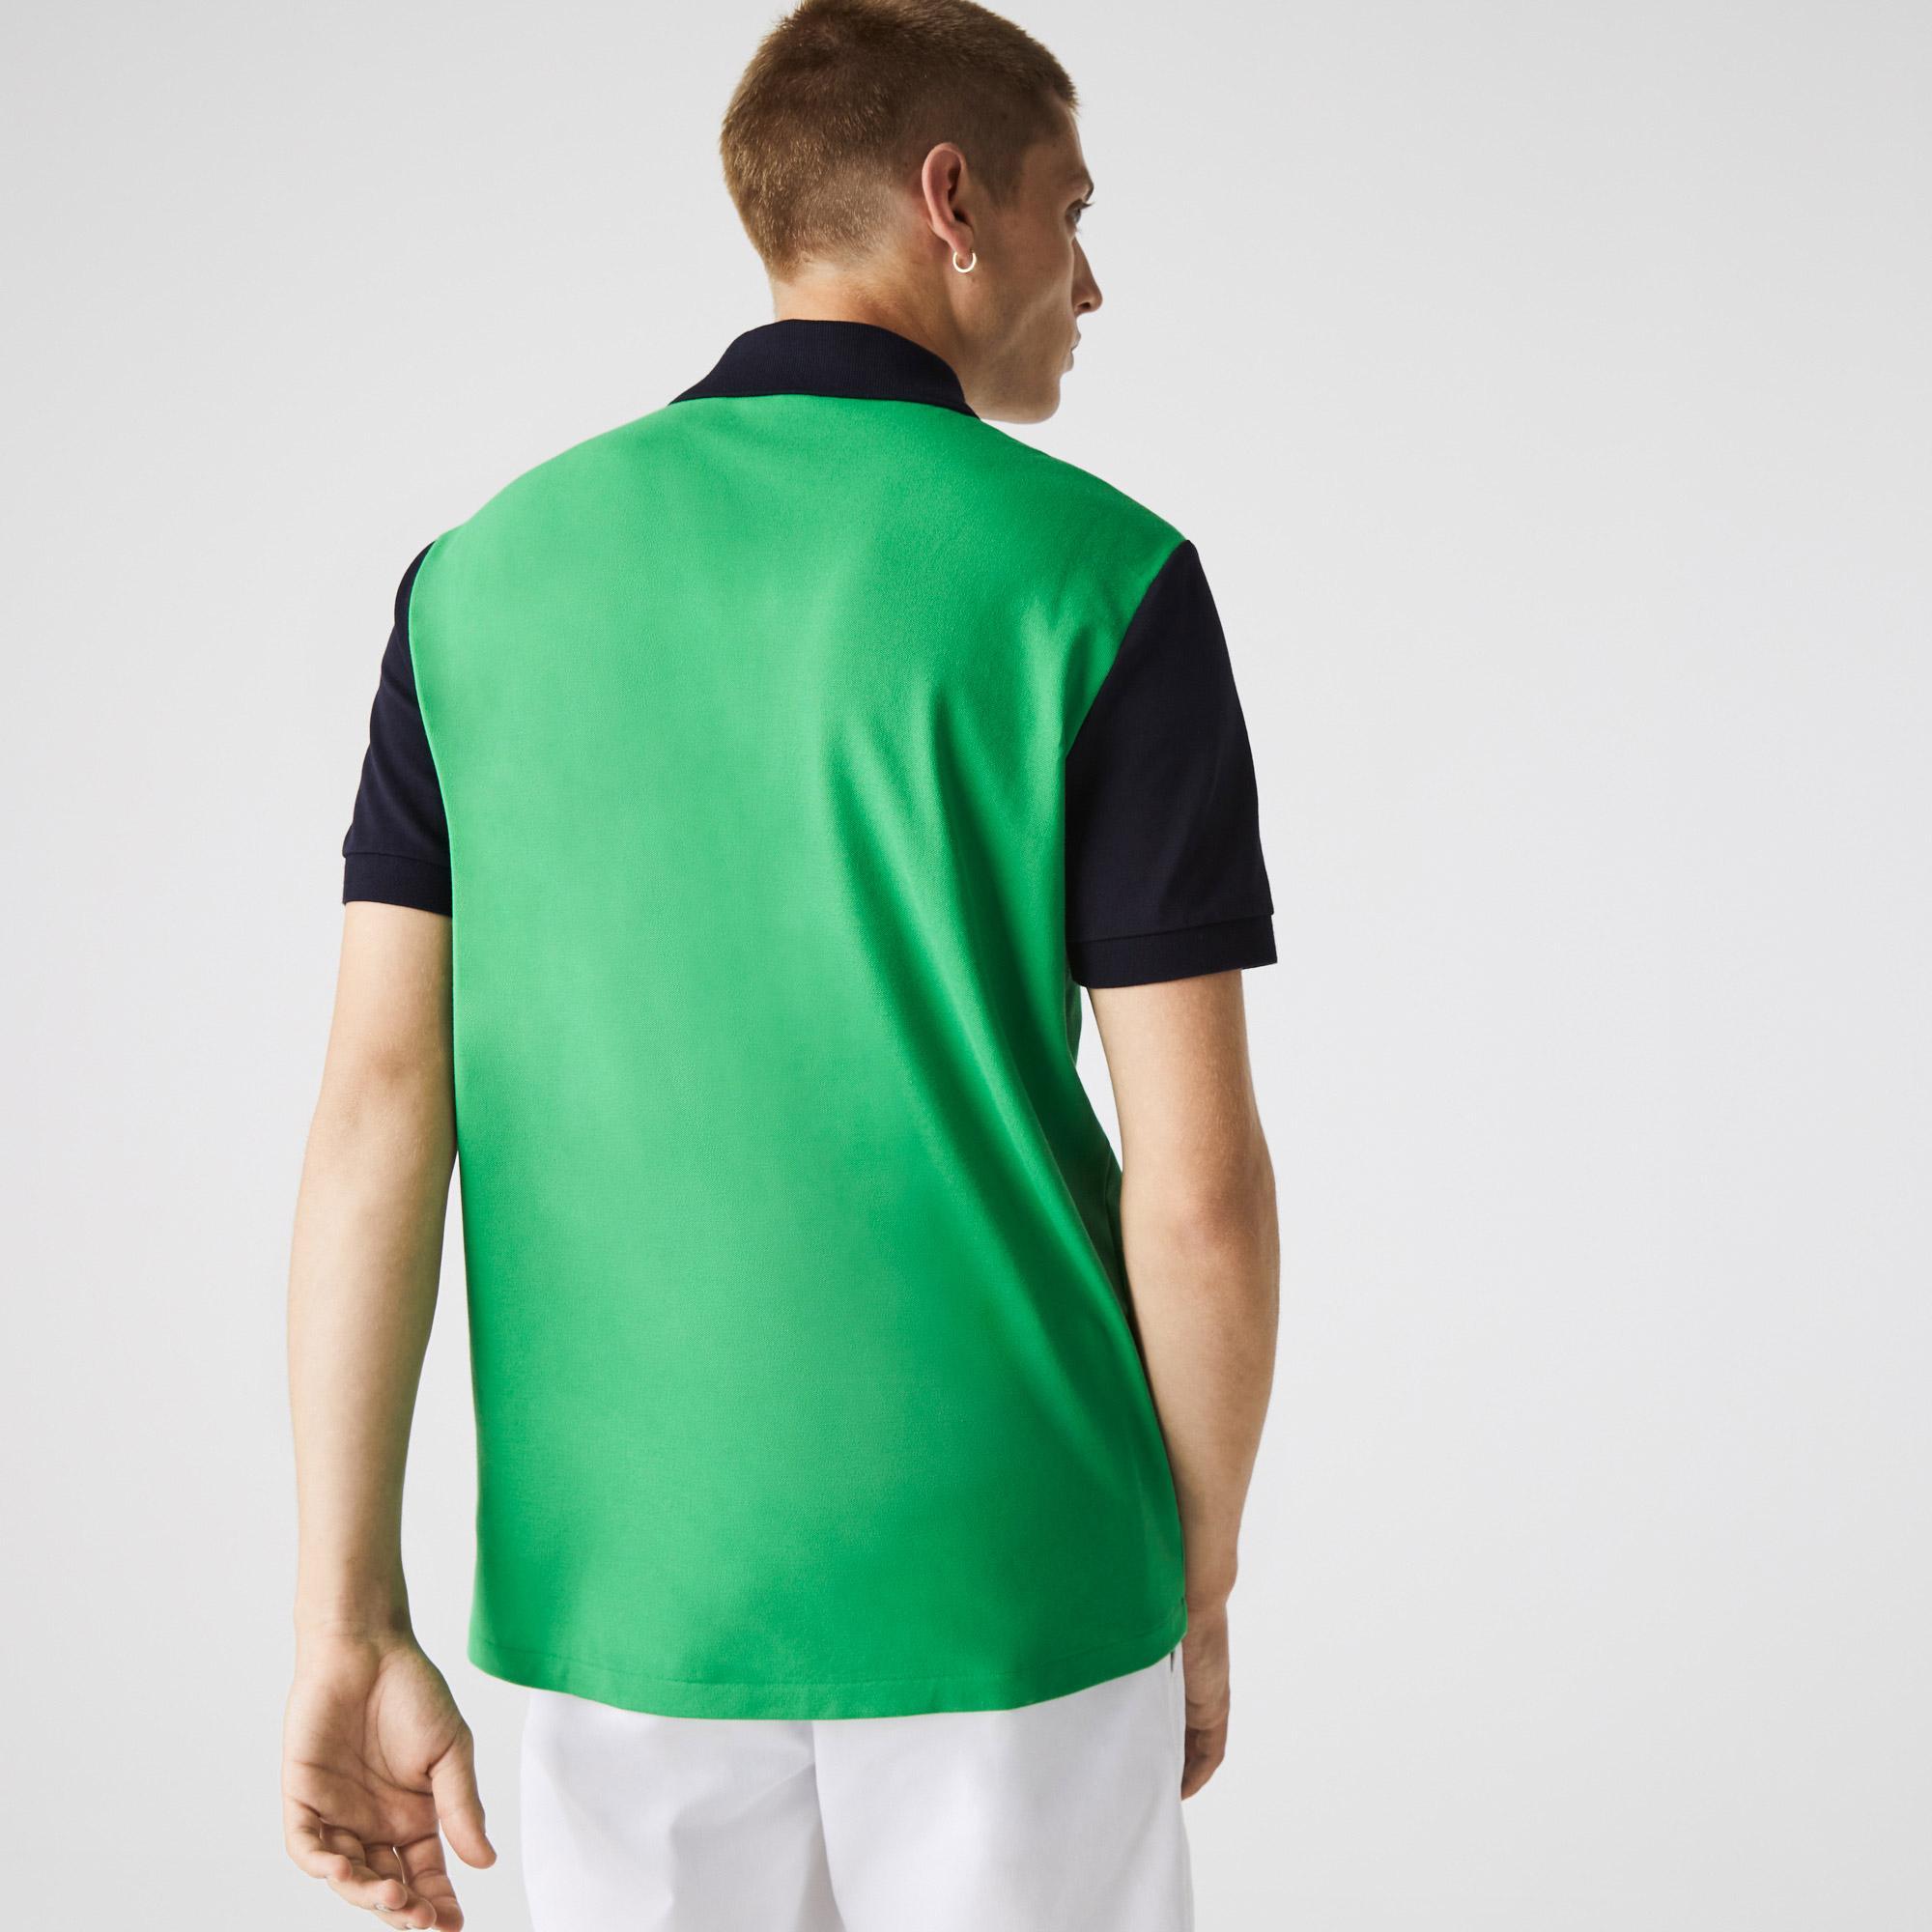 Lacoste Men's Regular Fit Light Breathable Colorblock Piqué Polo